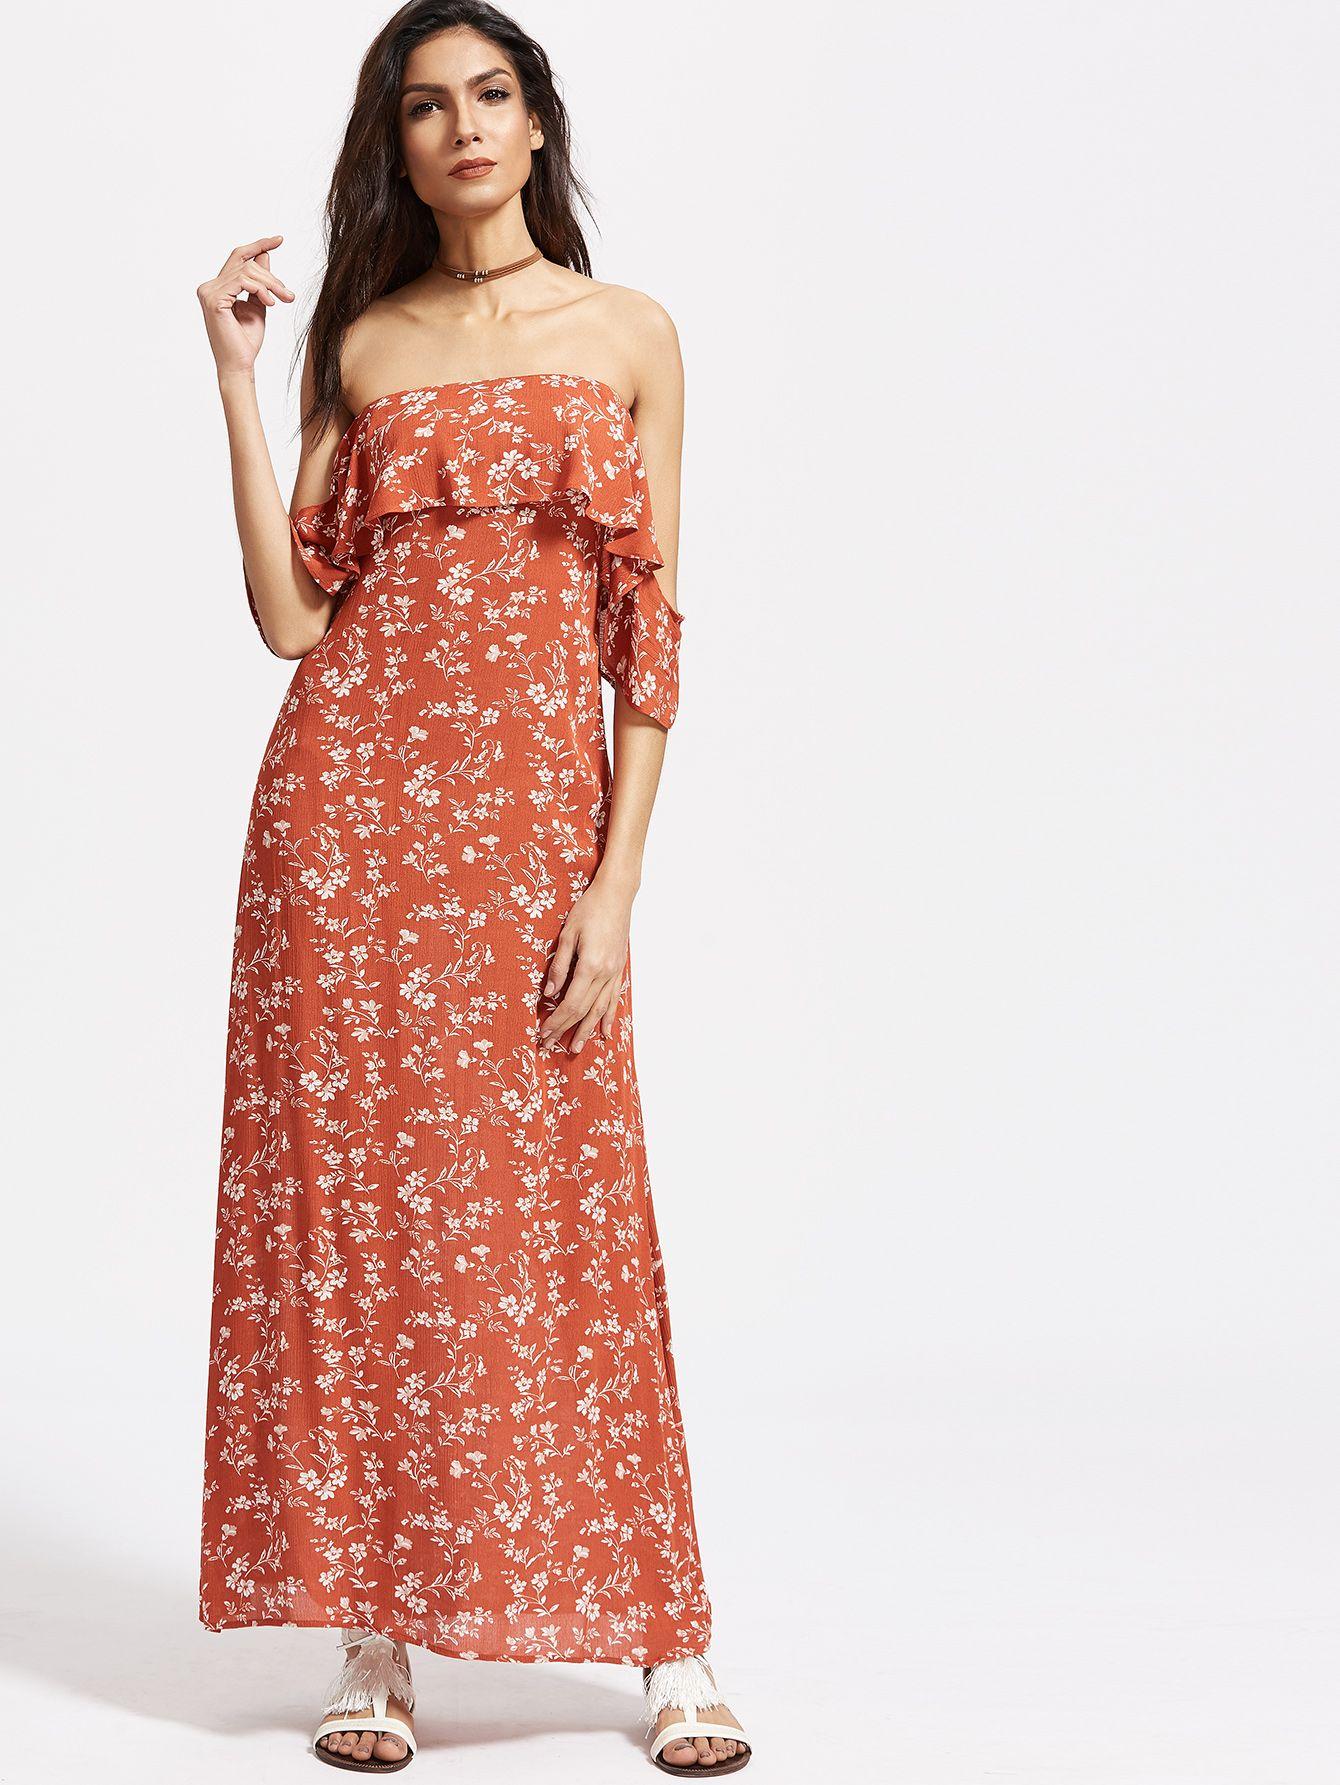 83d061601 Vestido con estampado floral espalda con abertura hombro al aire con  volantes-(Sheinside)